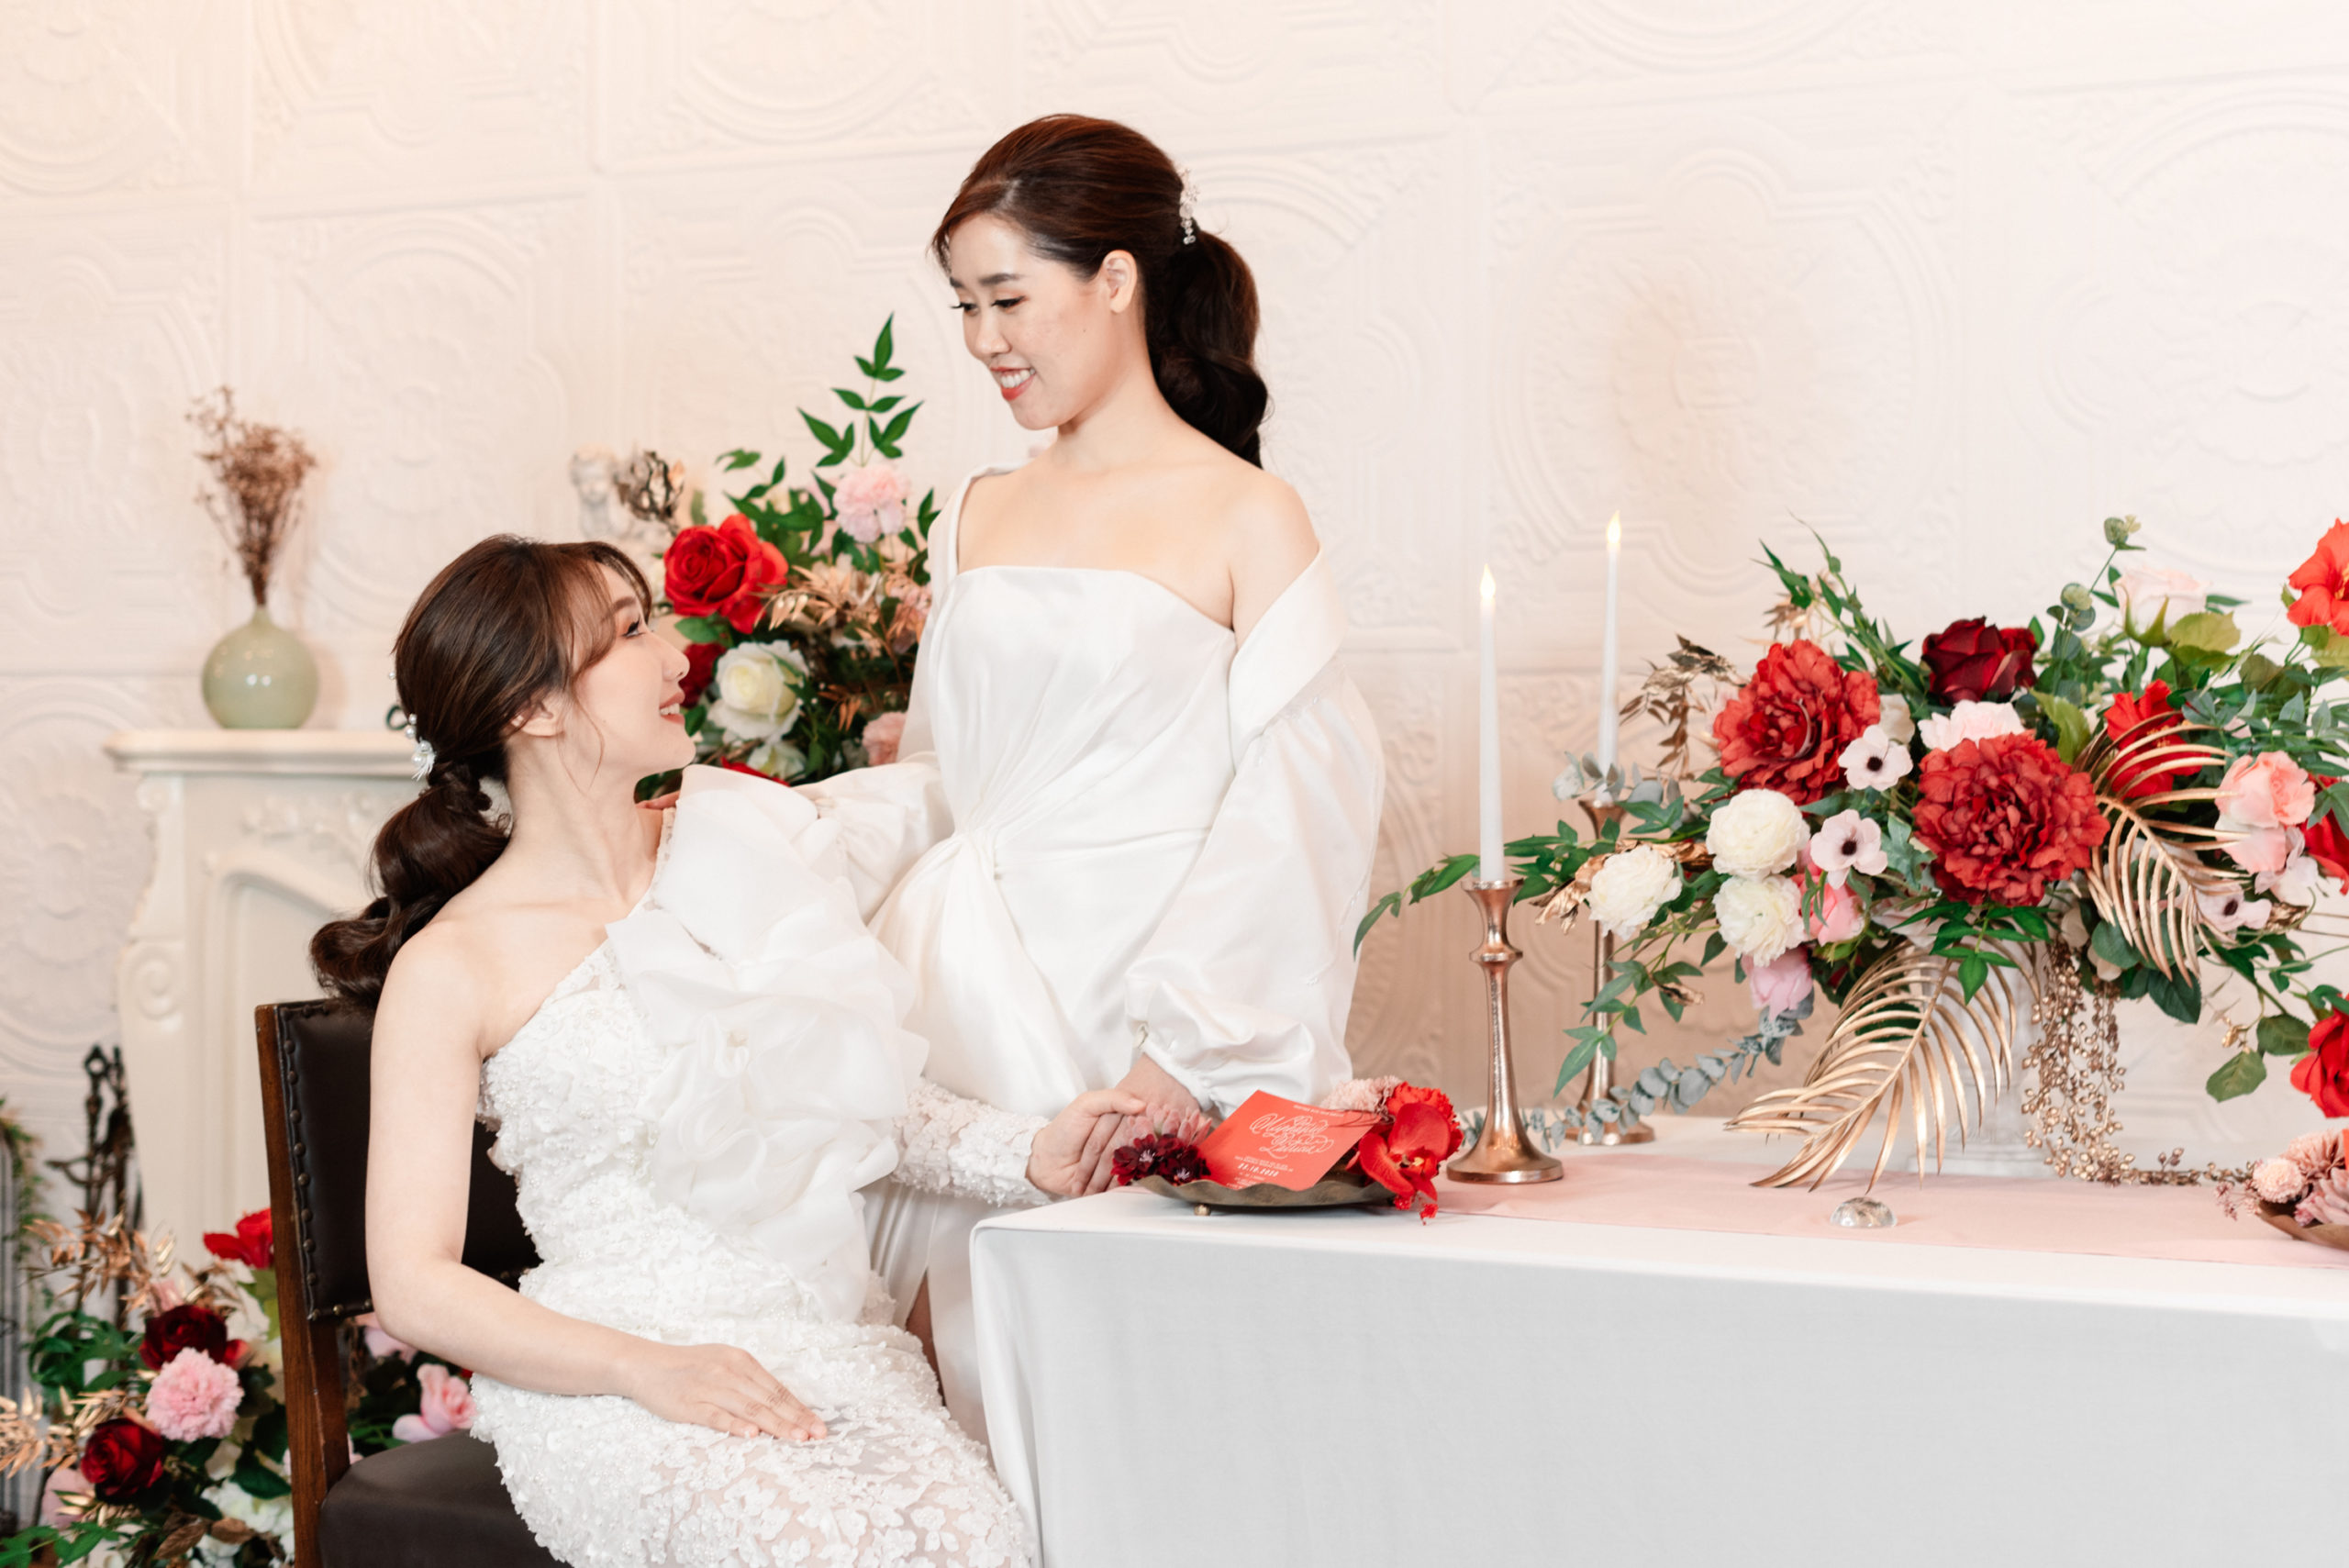 งานแต่งงาน LGBTQ+ Wedding เวดดิ้งแพลนเนอร์ กรุงเทพ Wonders & Weddings